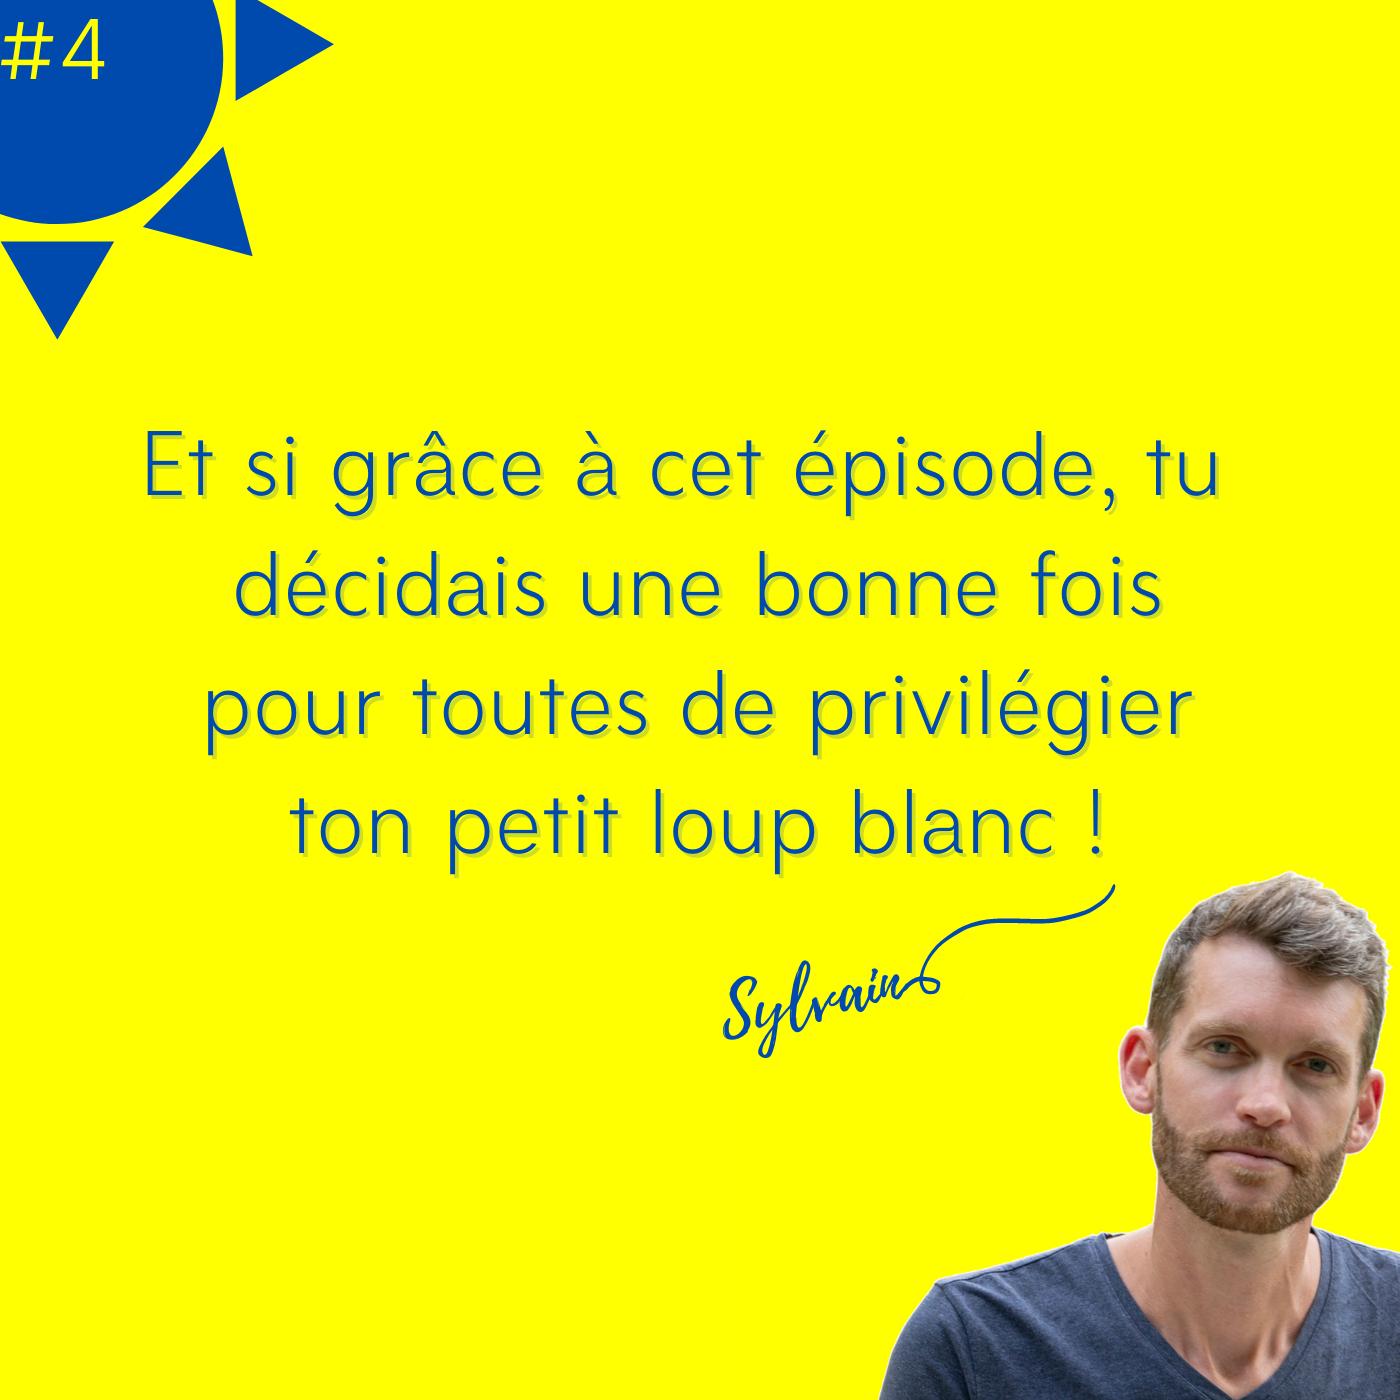 episode S1E86